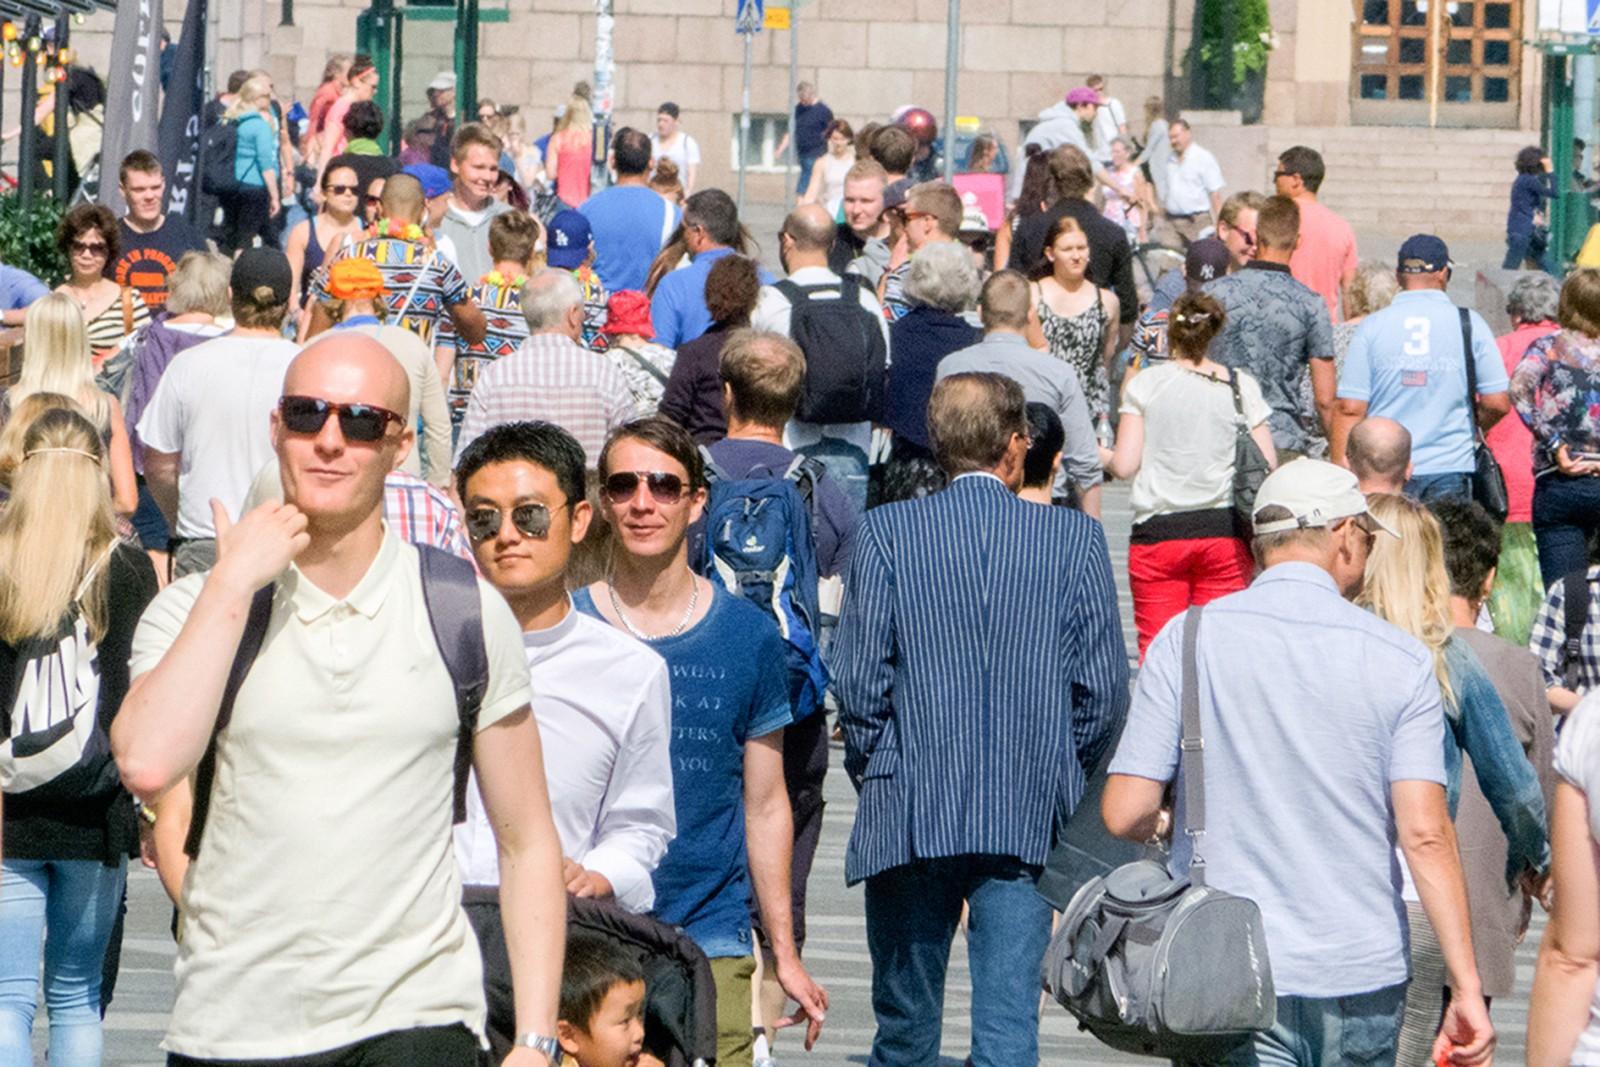 Người dân Phần Lan ở Thủ đô Helsinki - trung tâm khởi nghiệp của châu Âu. Ảnh: helsinkismart.fi